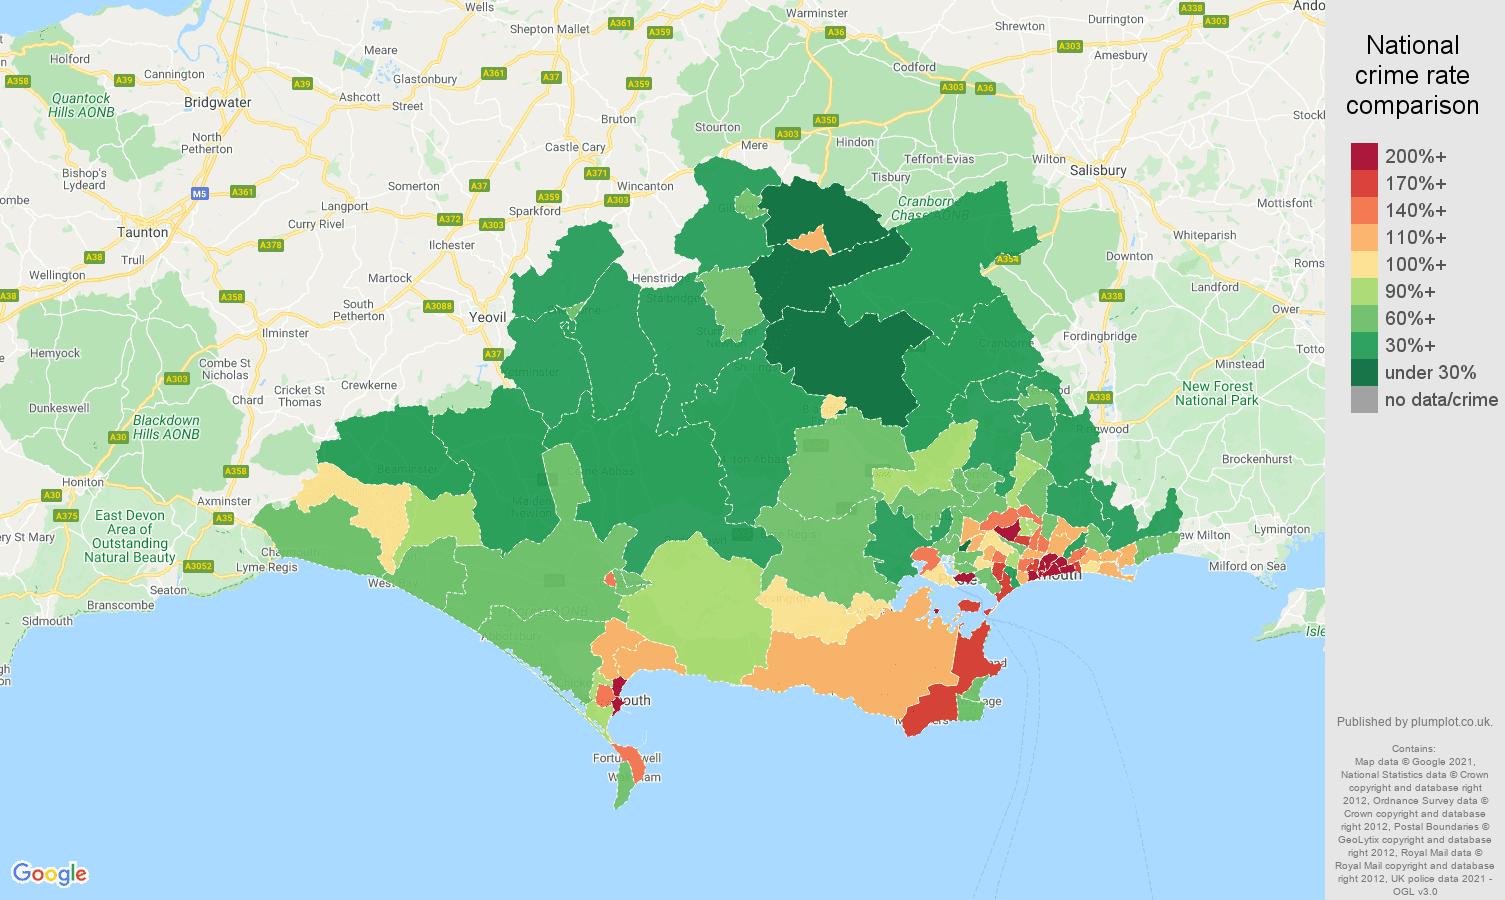 Dorset antisocial behaviour crime rate comparison map